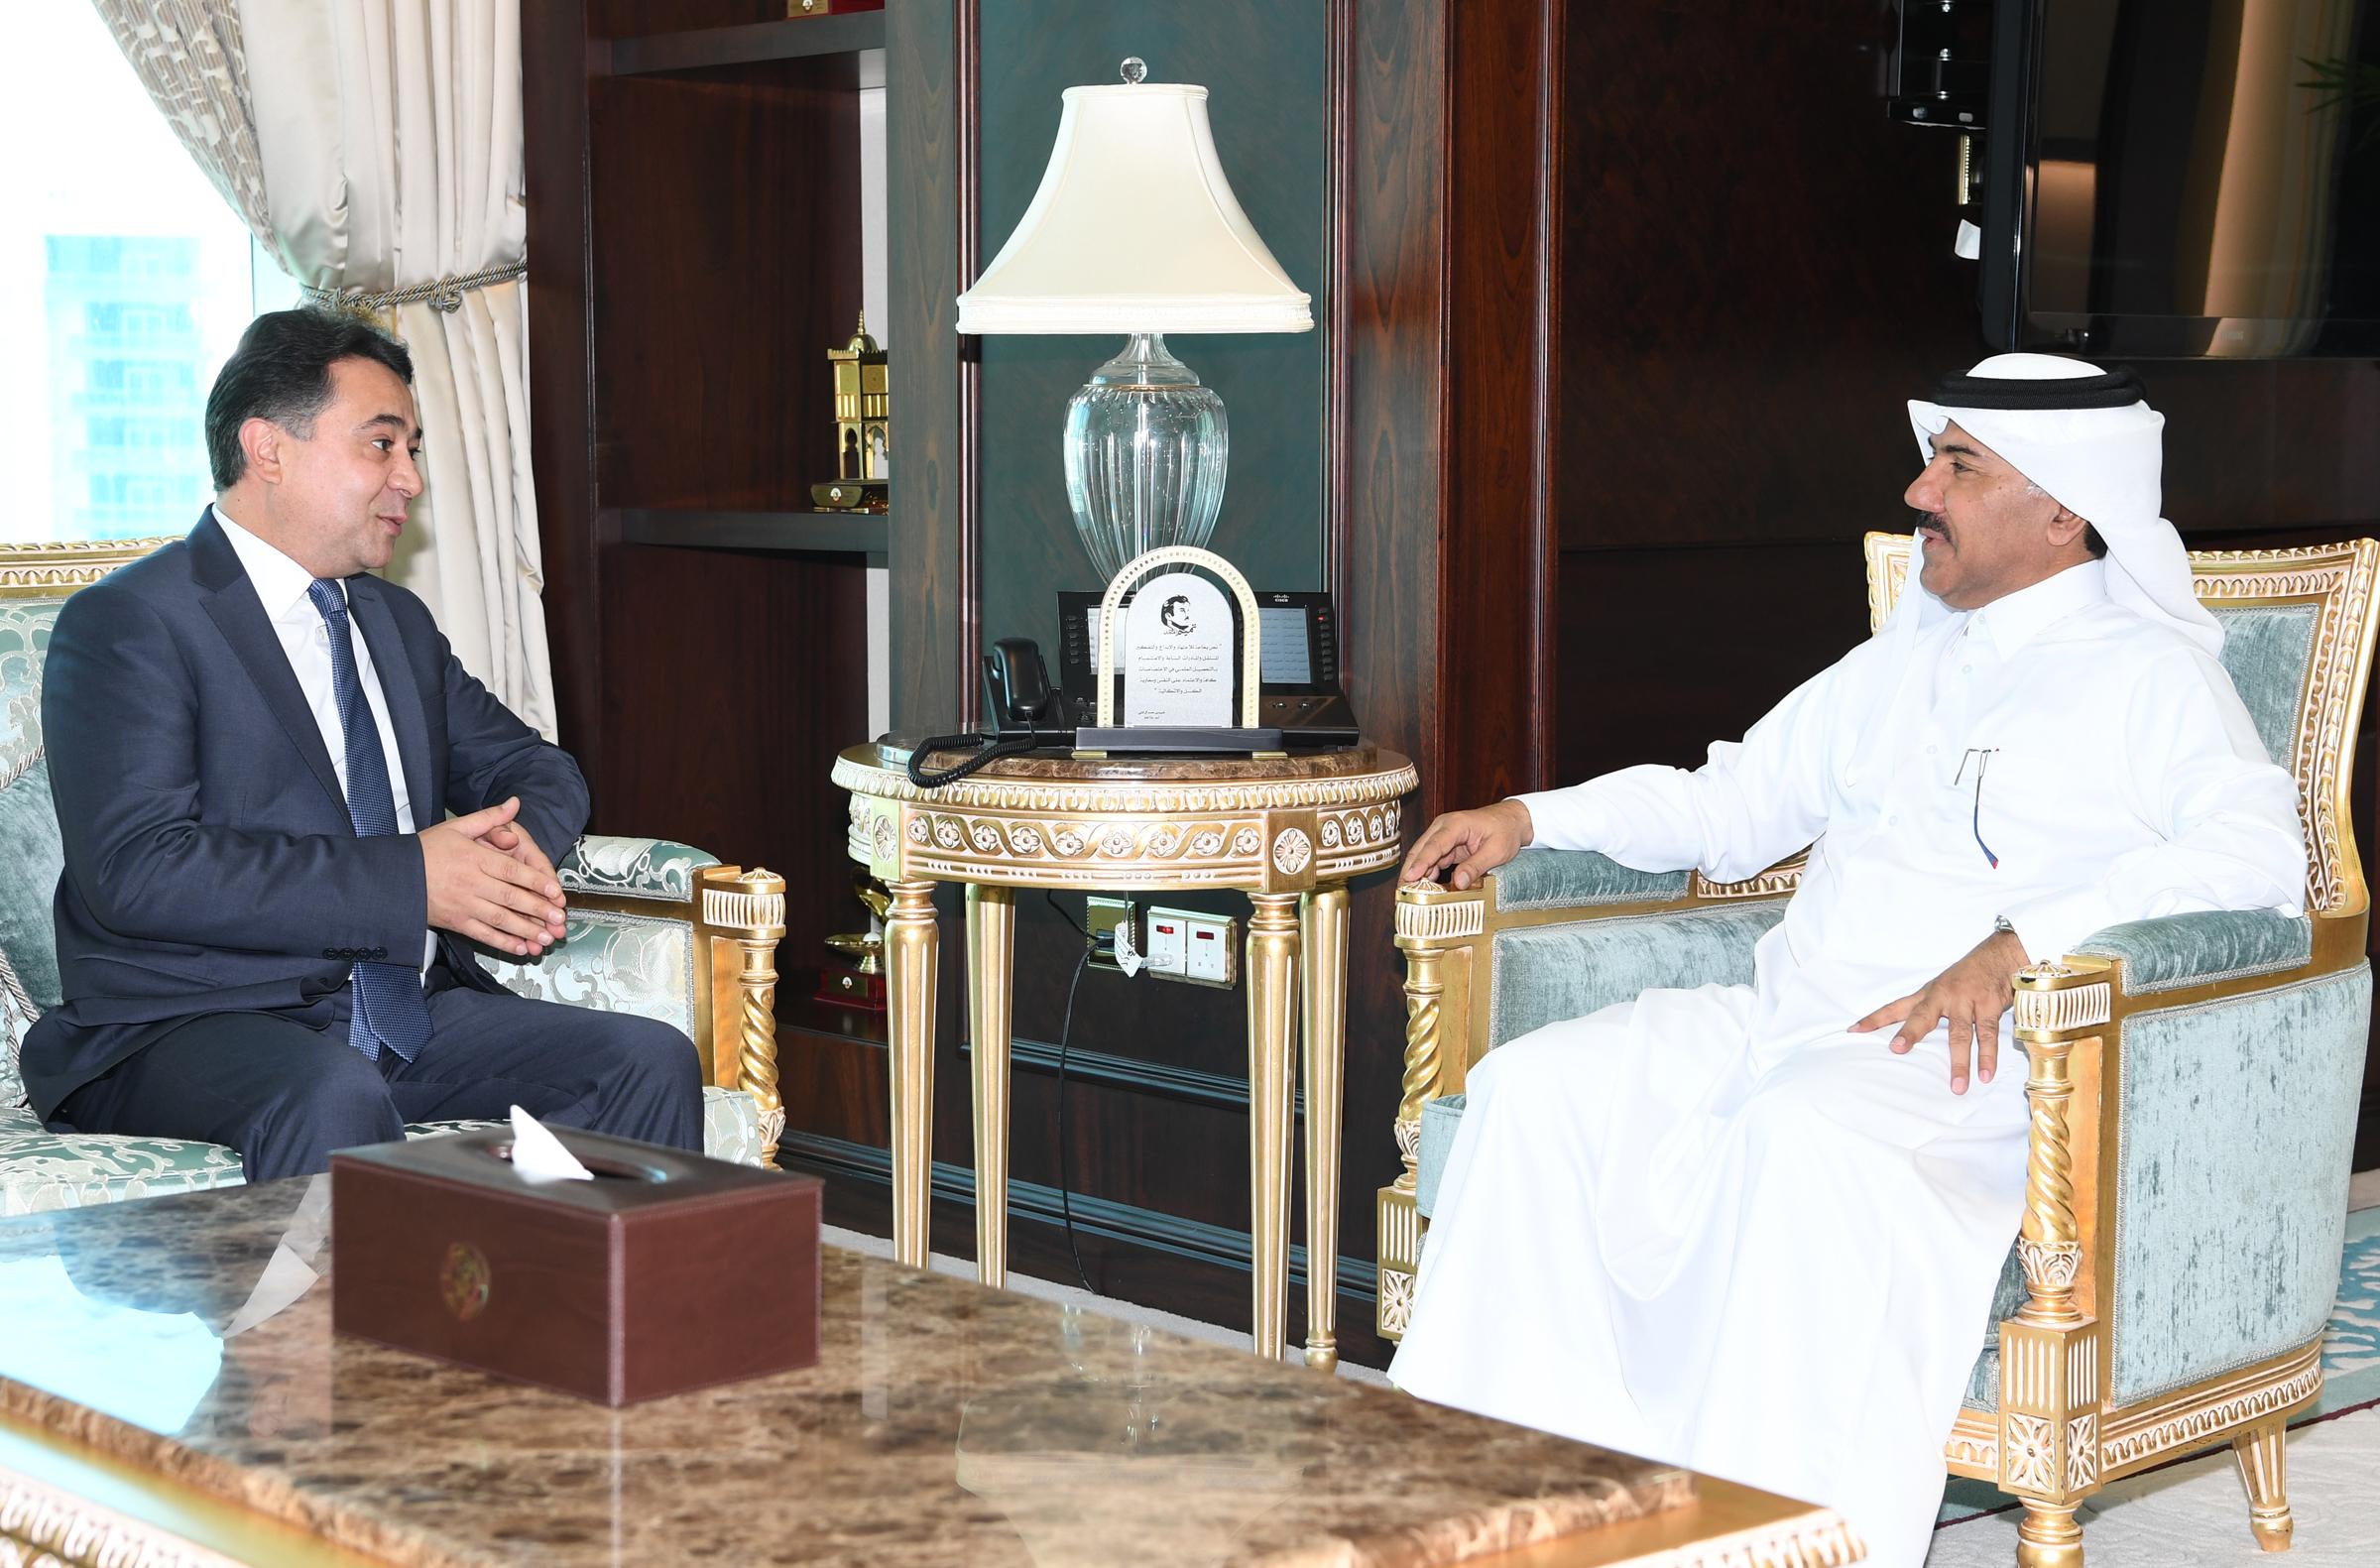 الأمين العام لوزارة الخارجية يجتمع مع سفير طاجيكستان